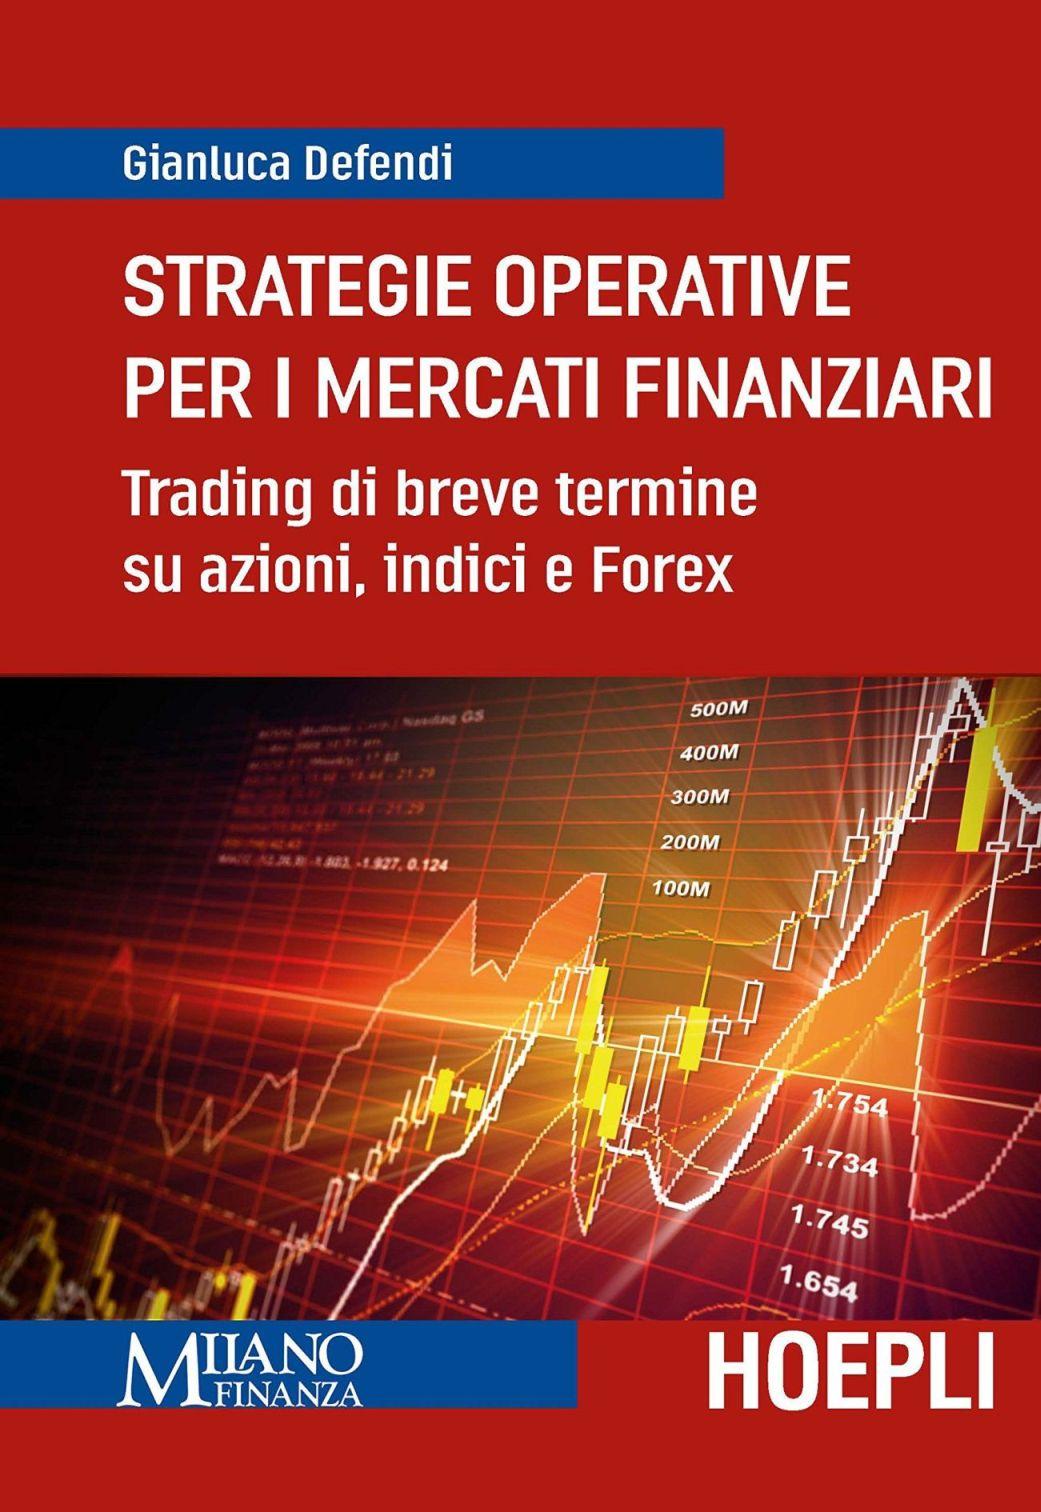 ed591ac343 Novità: Strategie operative per i mercati finanziari - MilanoFinanza.it